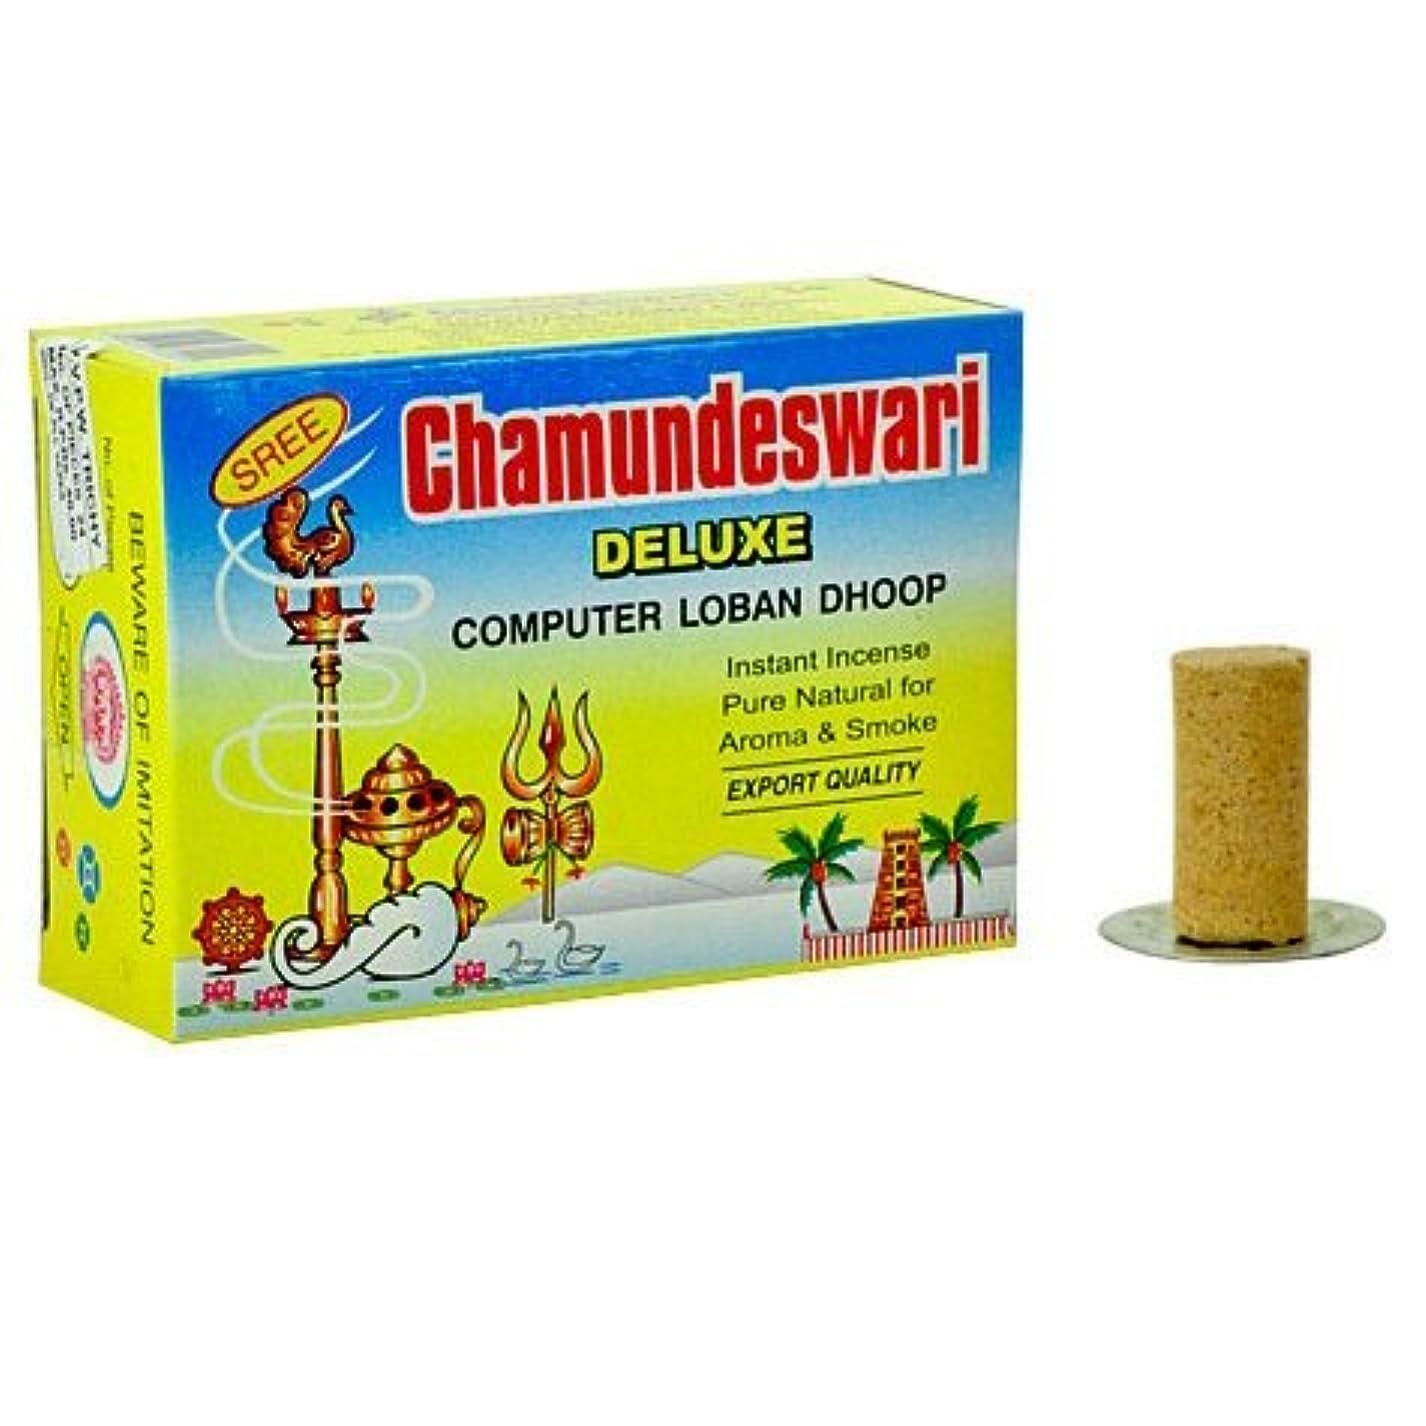 凍った絶滅物質Sree ChamundeswariデラックスコンピュータSambrani Loban Dhoop、1.5